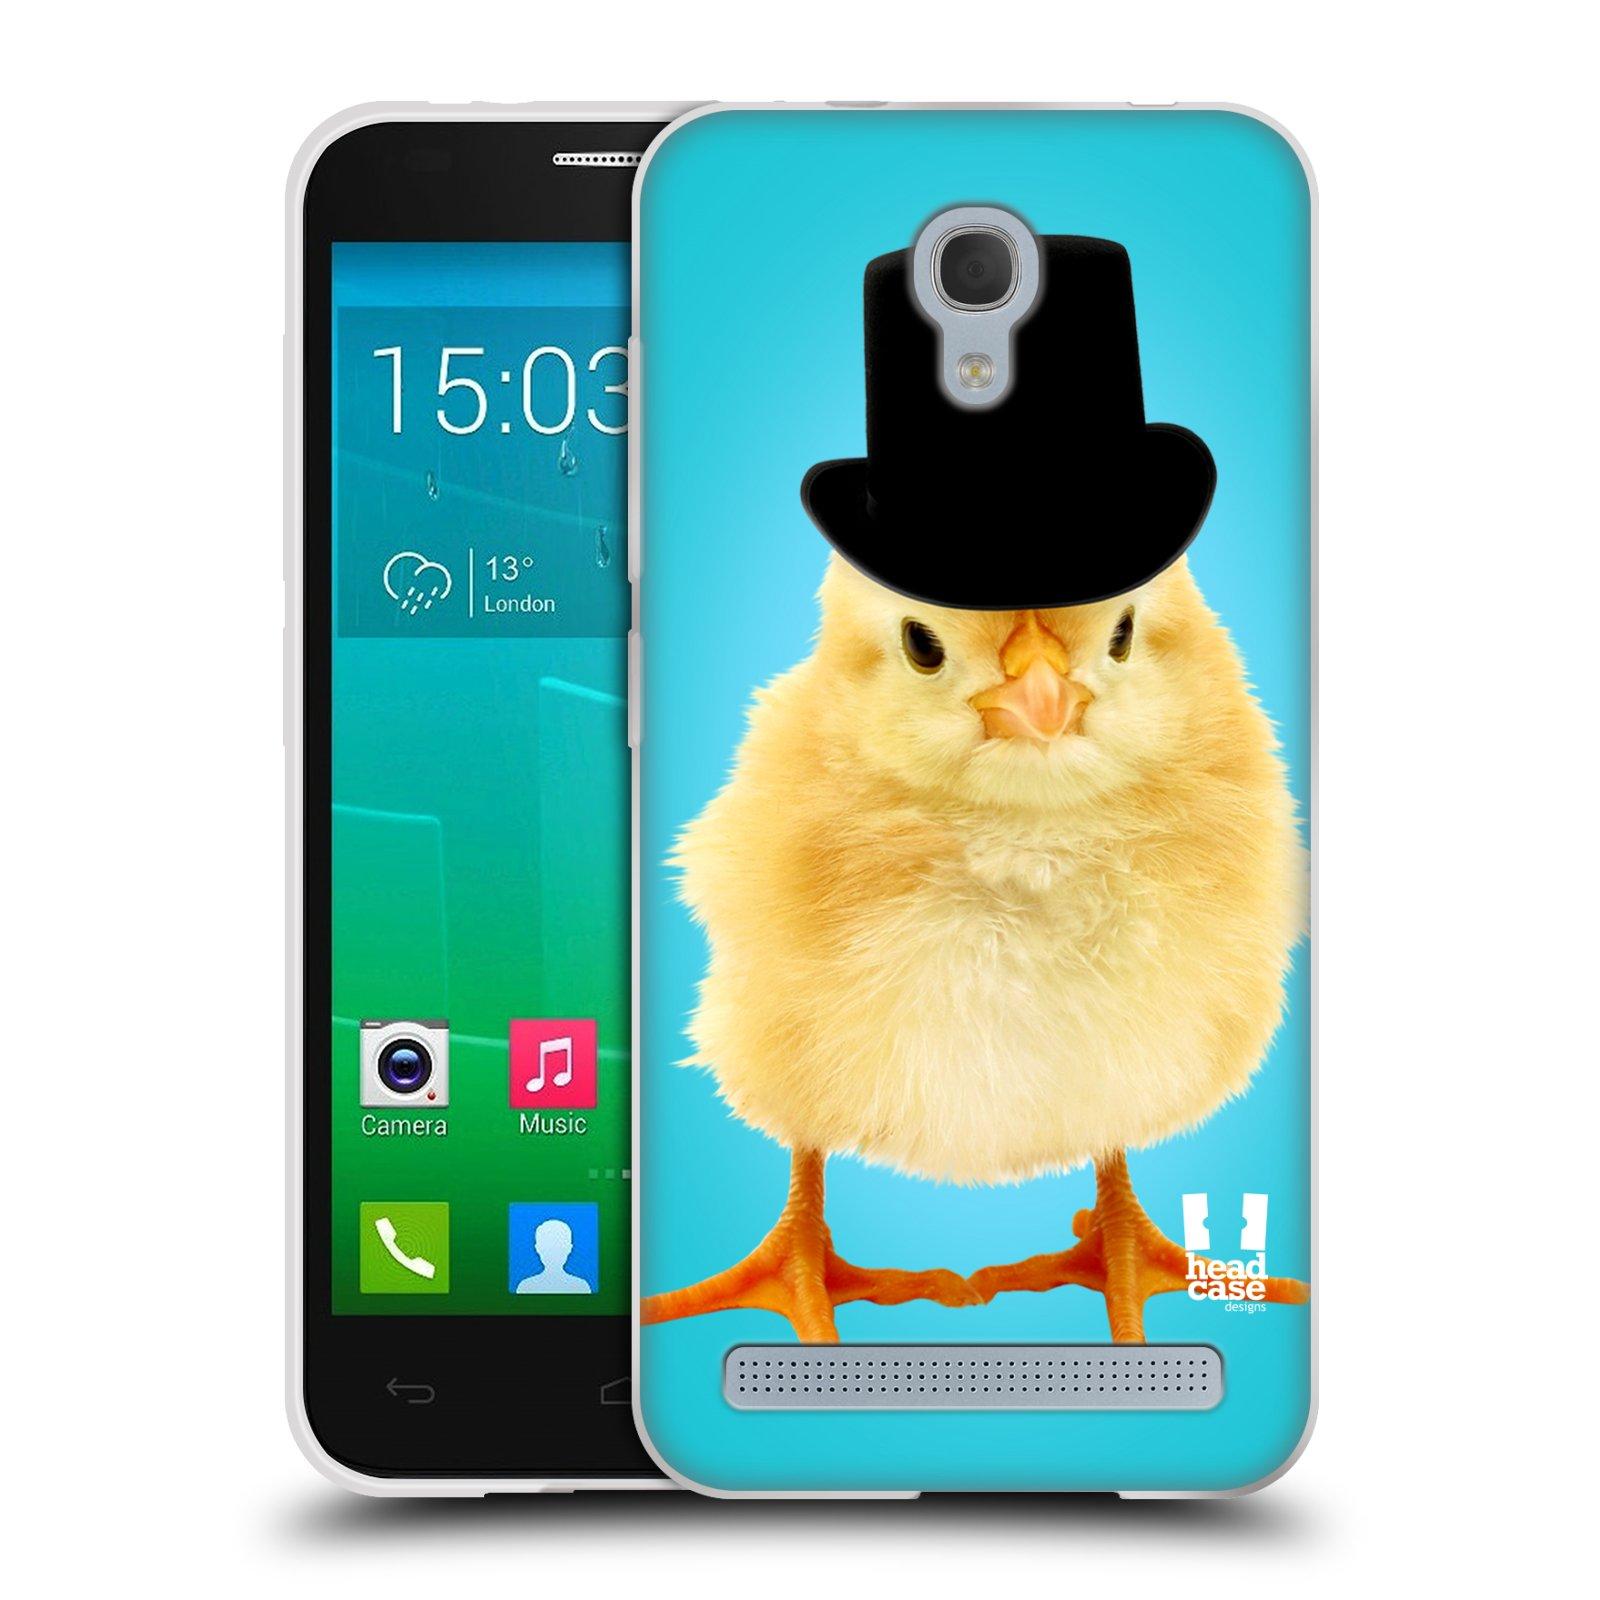 Silikonové pouzdro na mobil Alcatel One Touch Idol 2 Mini S 6036Y HEAD CASE KUŘE S KLÓBRCEM (Silikonový kryt či obal na mobilní telefon Alcatel Idol 2 Mini S OT-6036Y)